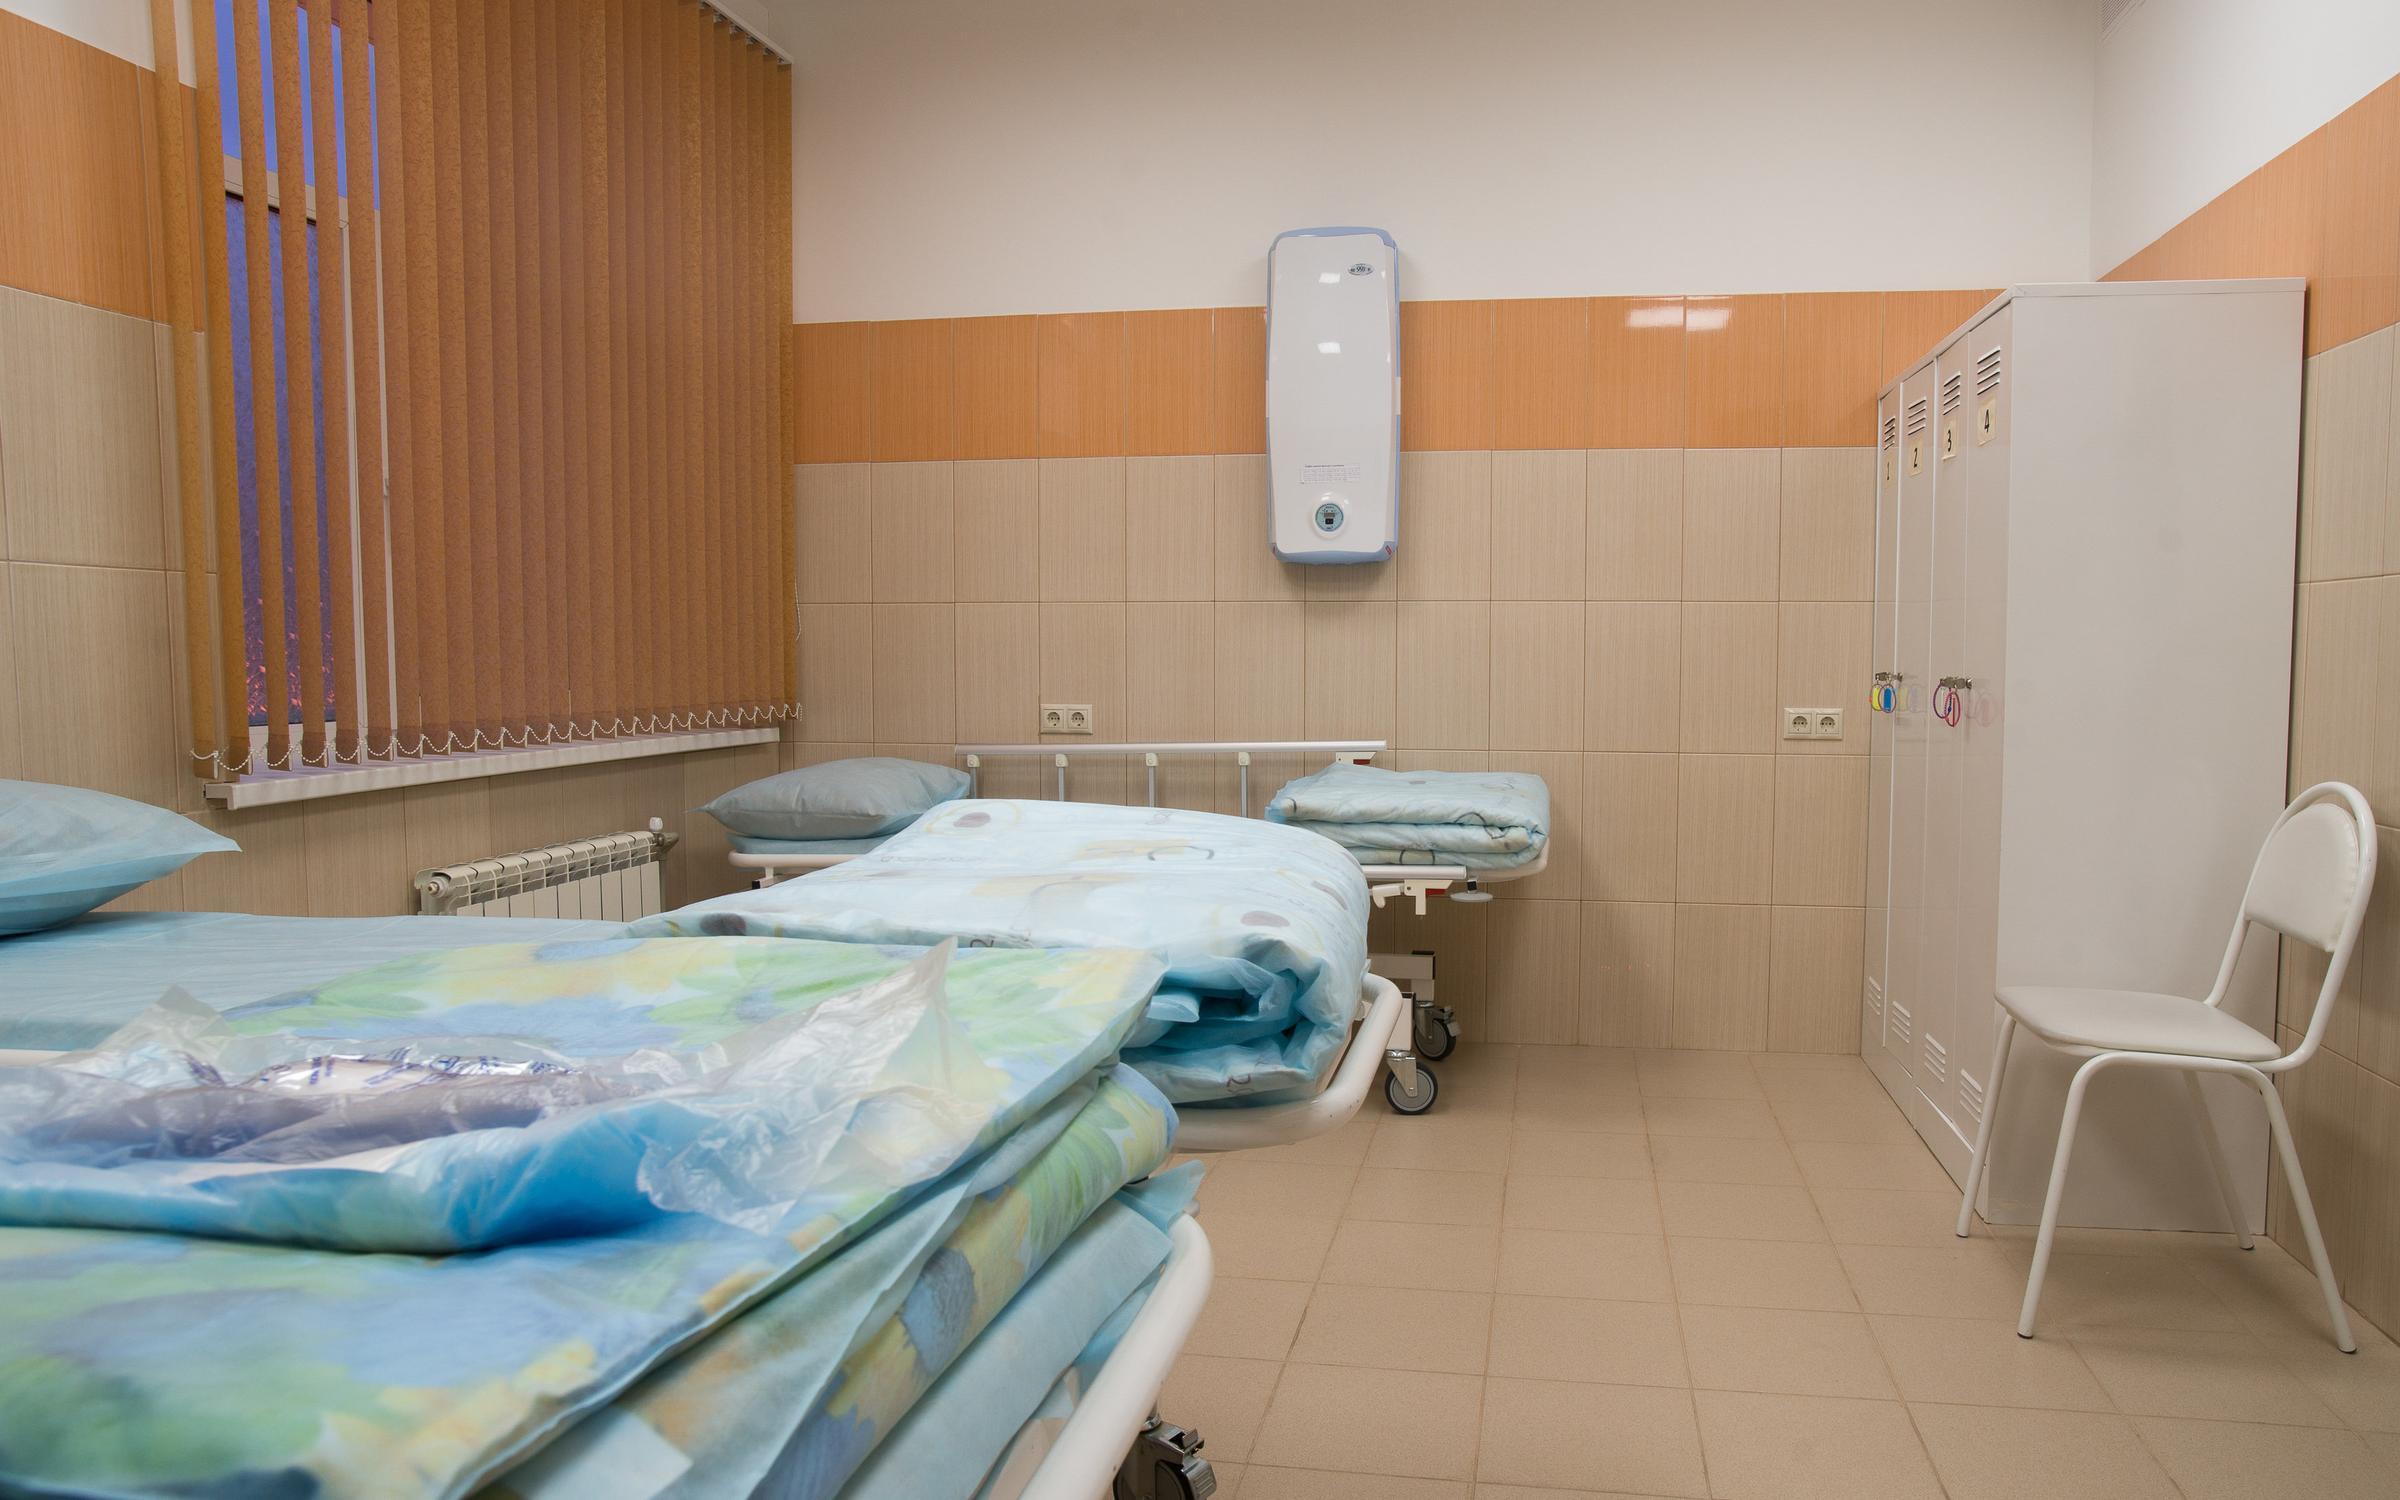 Посоветуйте офтальмологические клиники в москве